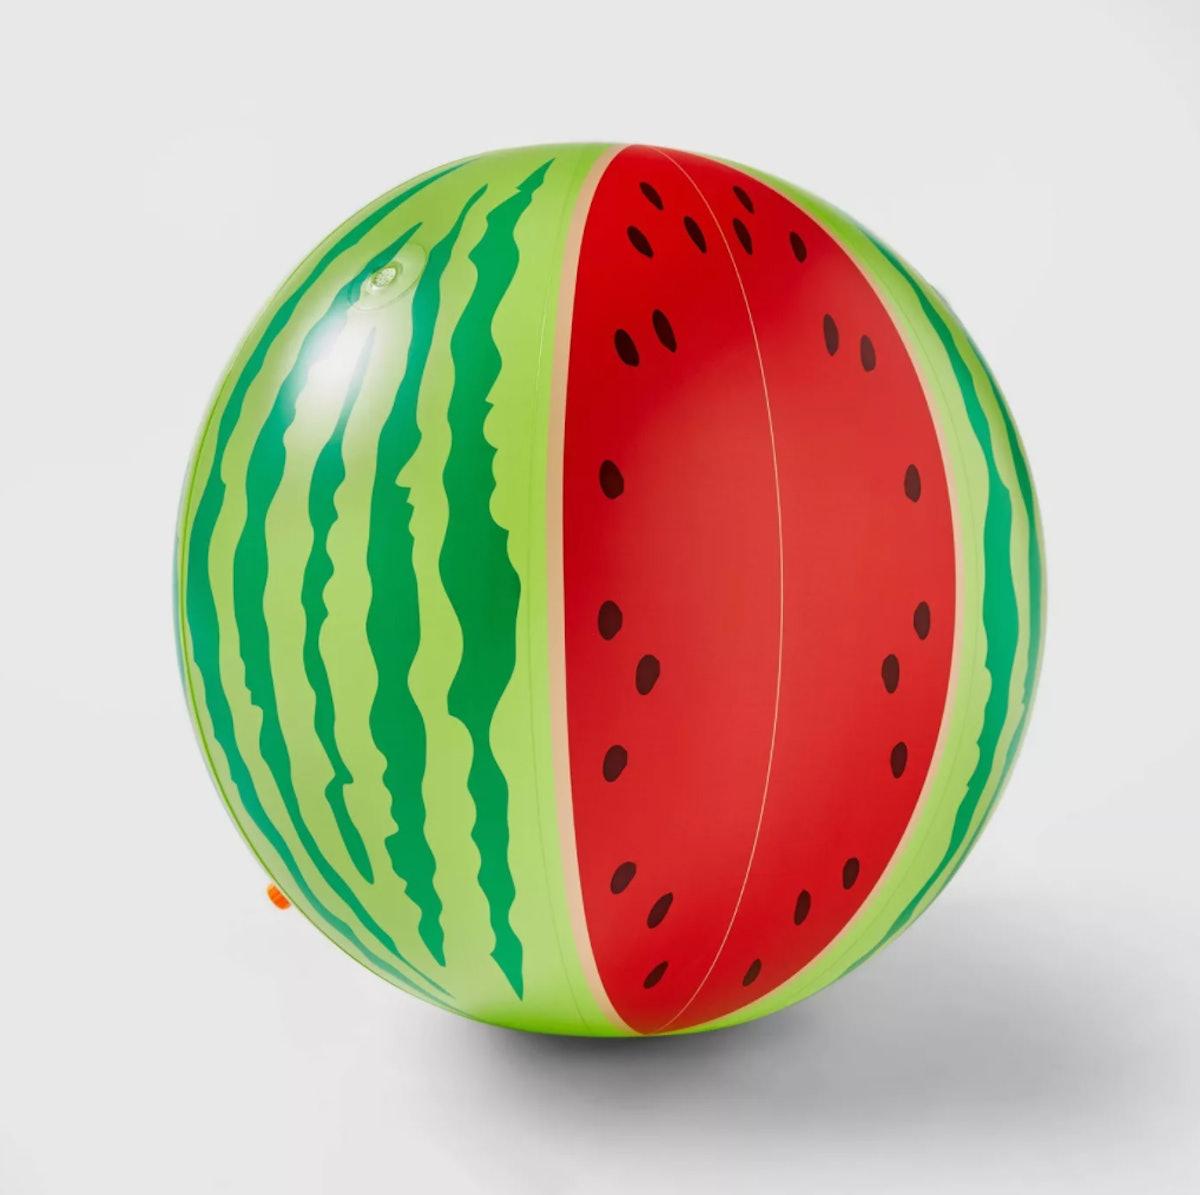 Wet N' Wild Mega Melon Ball Jumbo Sprinkler - Sun Squad™